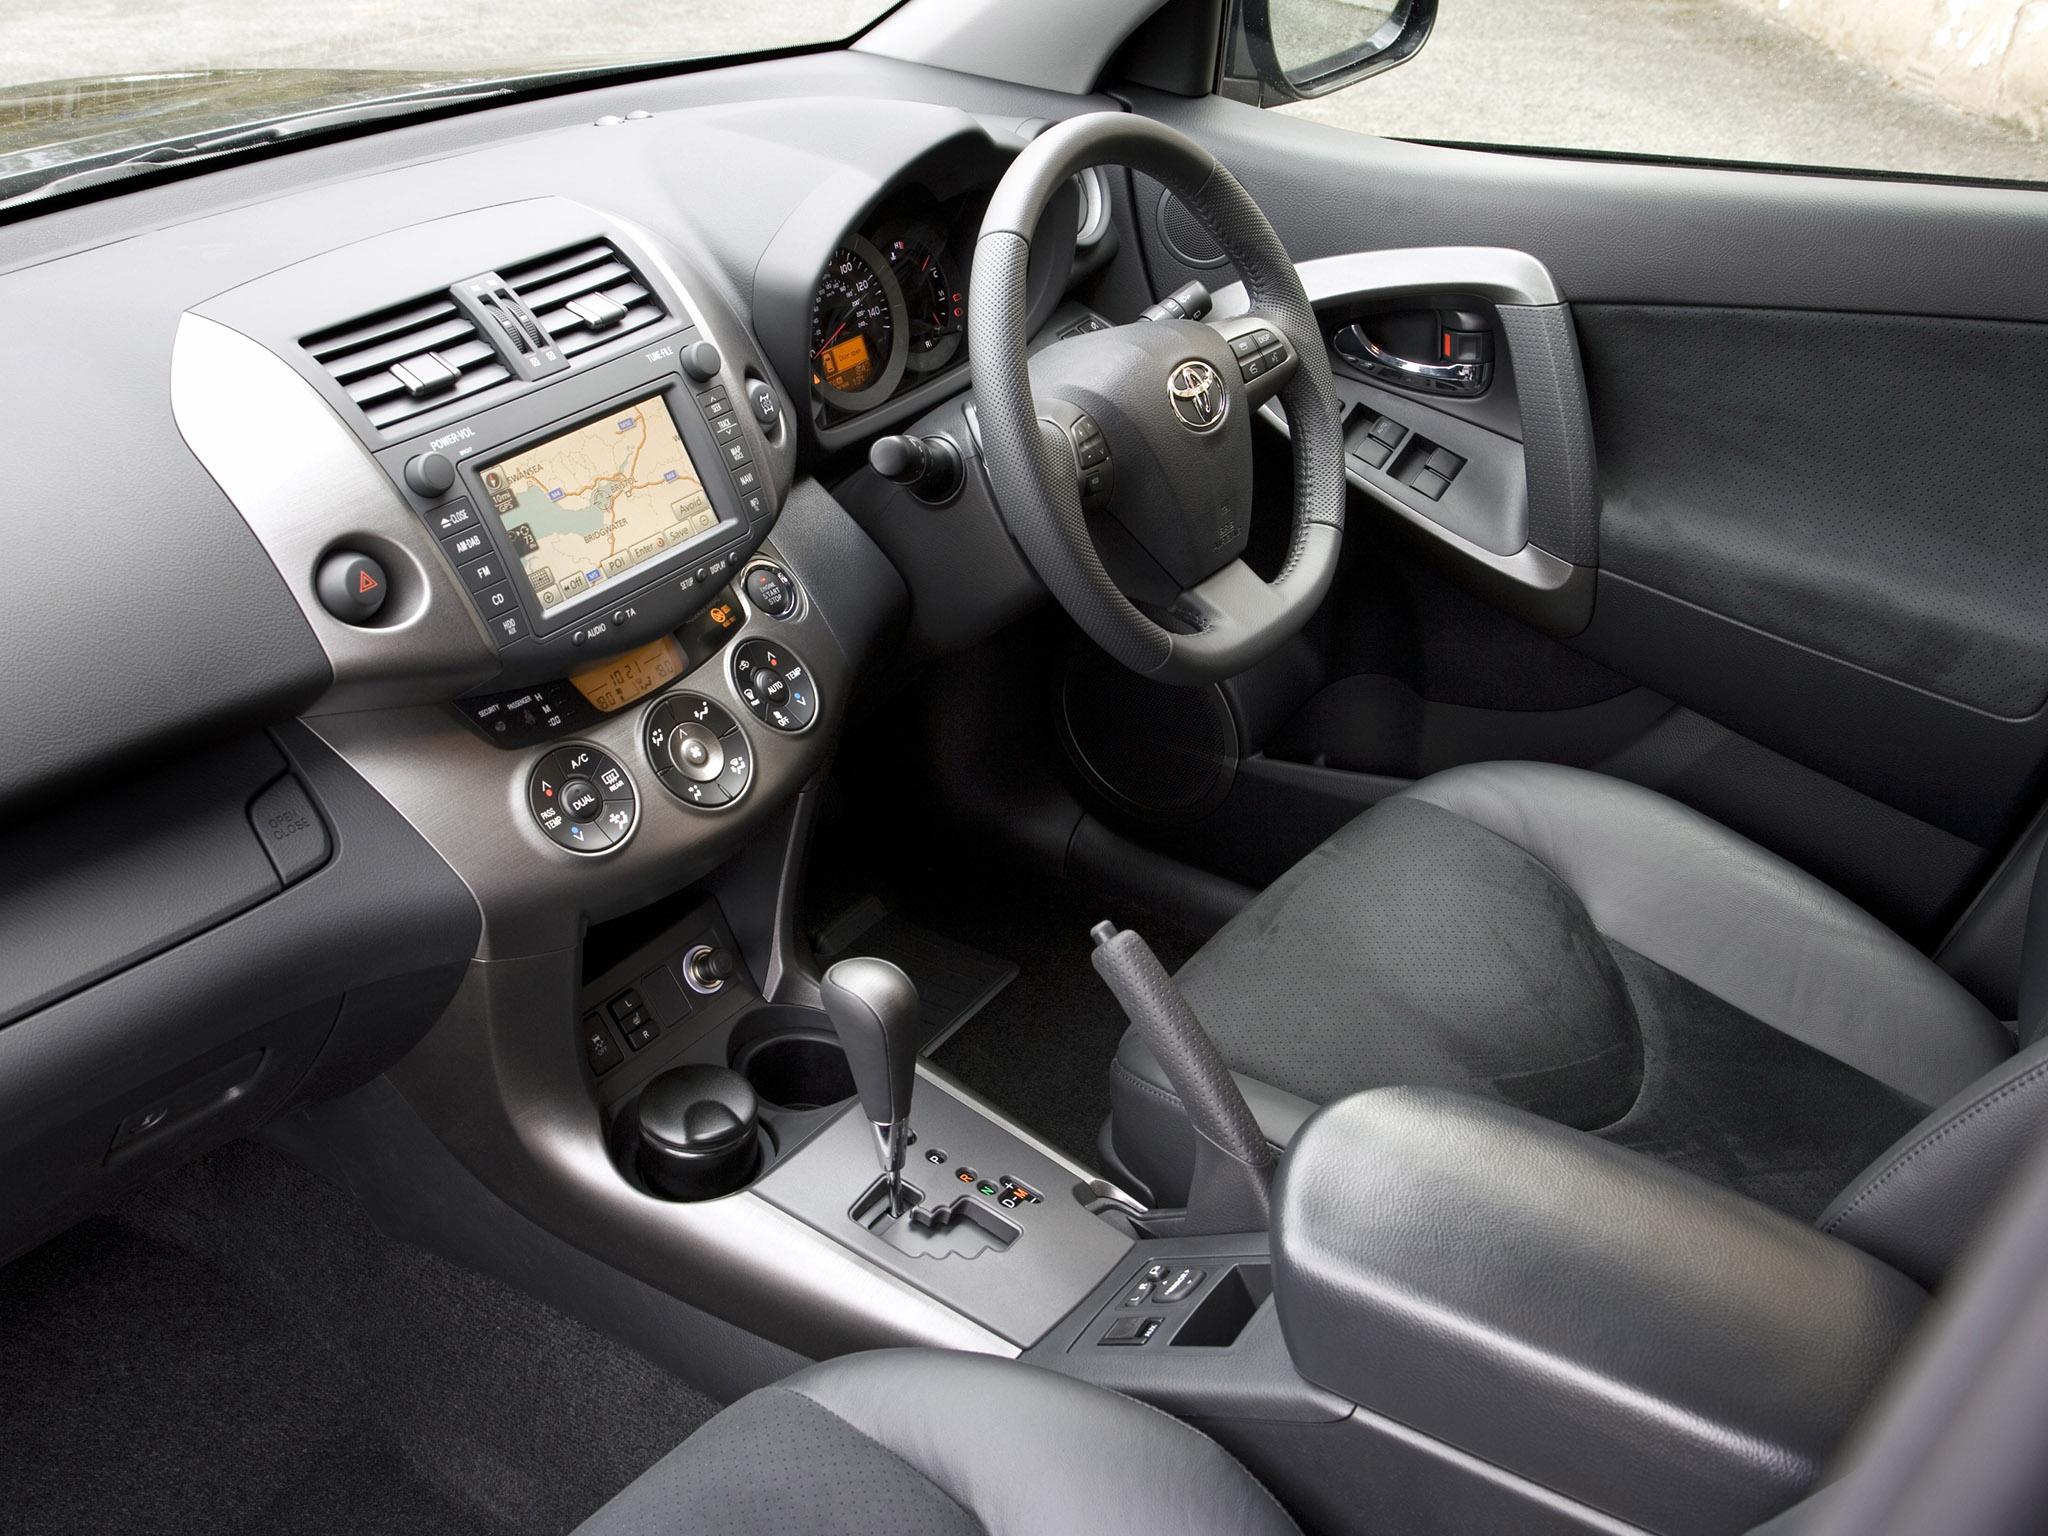 Toyota rav4 5 doors specs 2010 2011 2012 2013 2014 for 2011 toyota rav4 interior